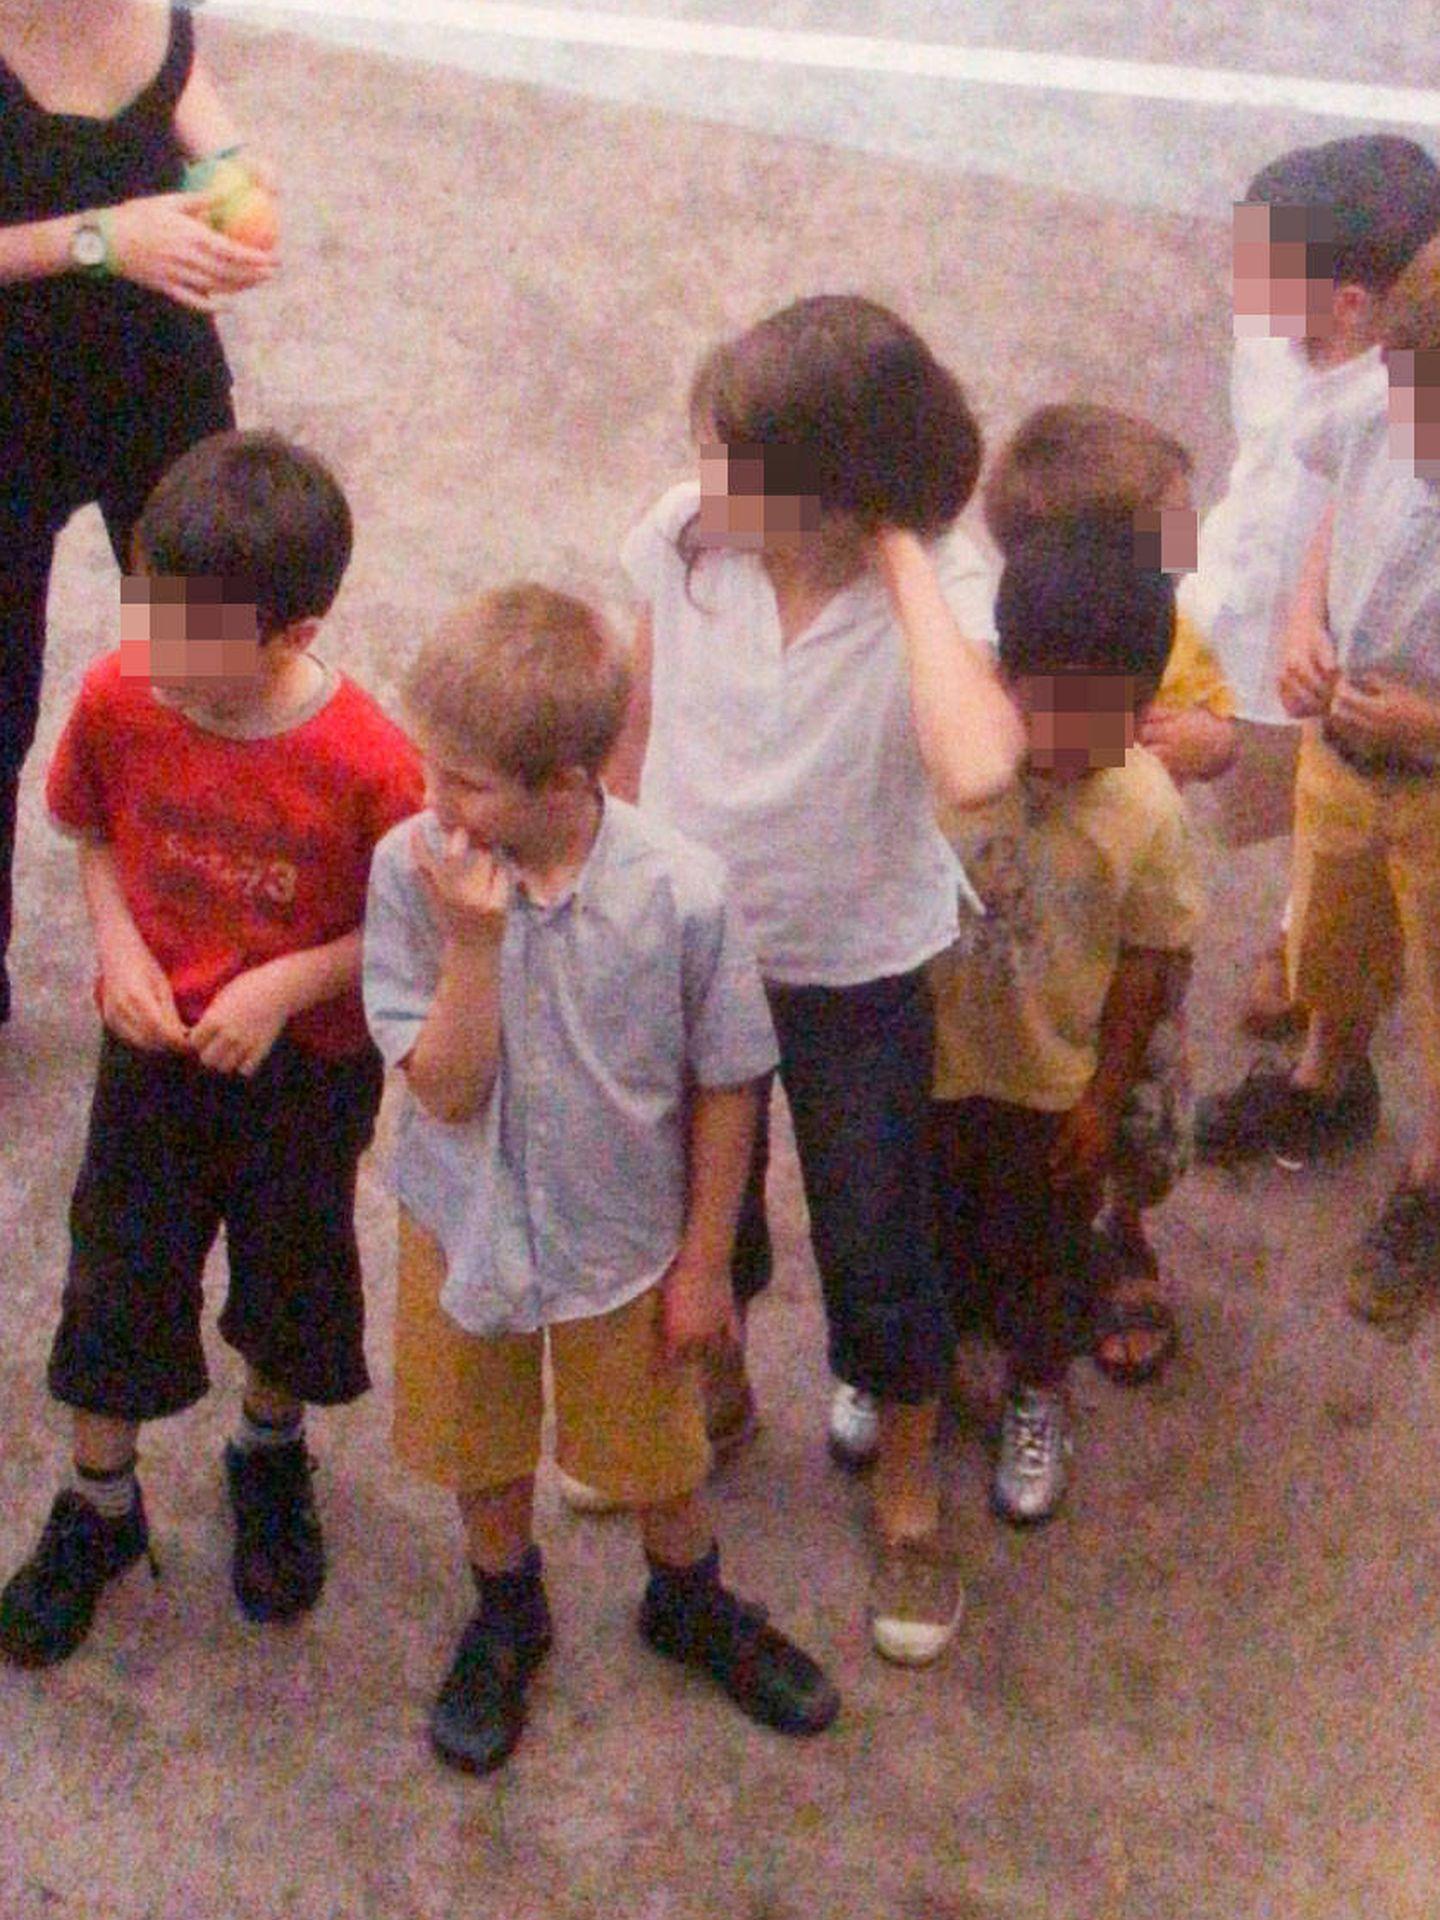 Juan Urdangarin, de pequeño, en una fiesta. (Vanitatis)